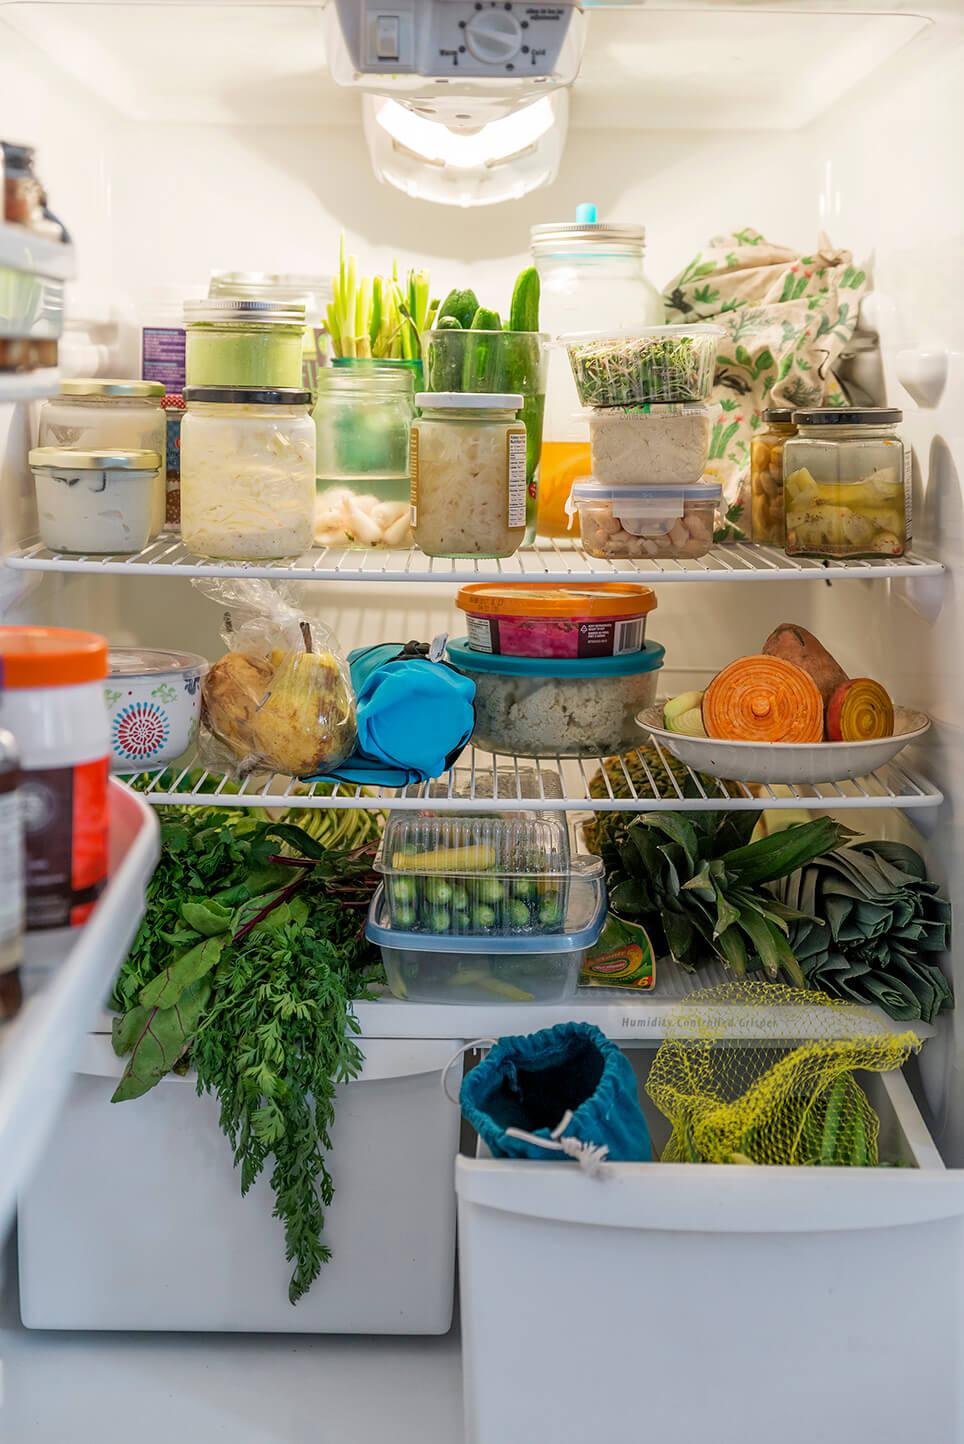 Comment Ranger Dans Un Frigo anatomie d'un frigo zéro déchet - chic frigo sans fric